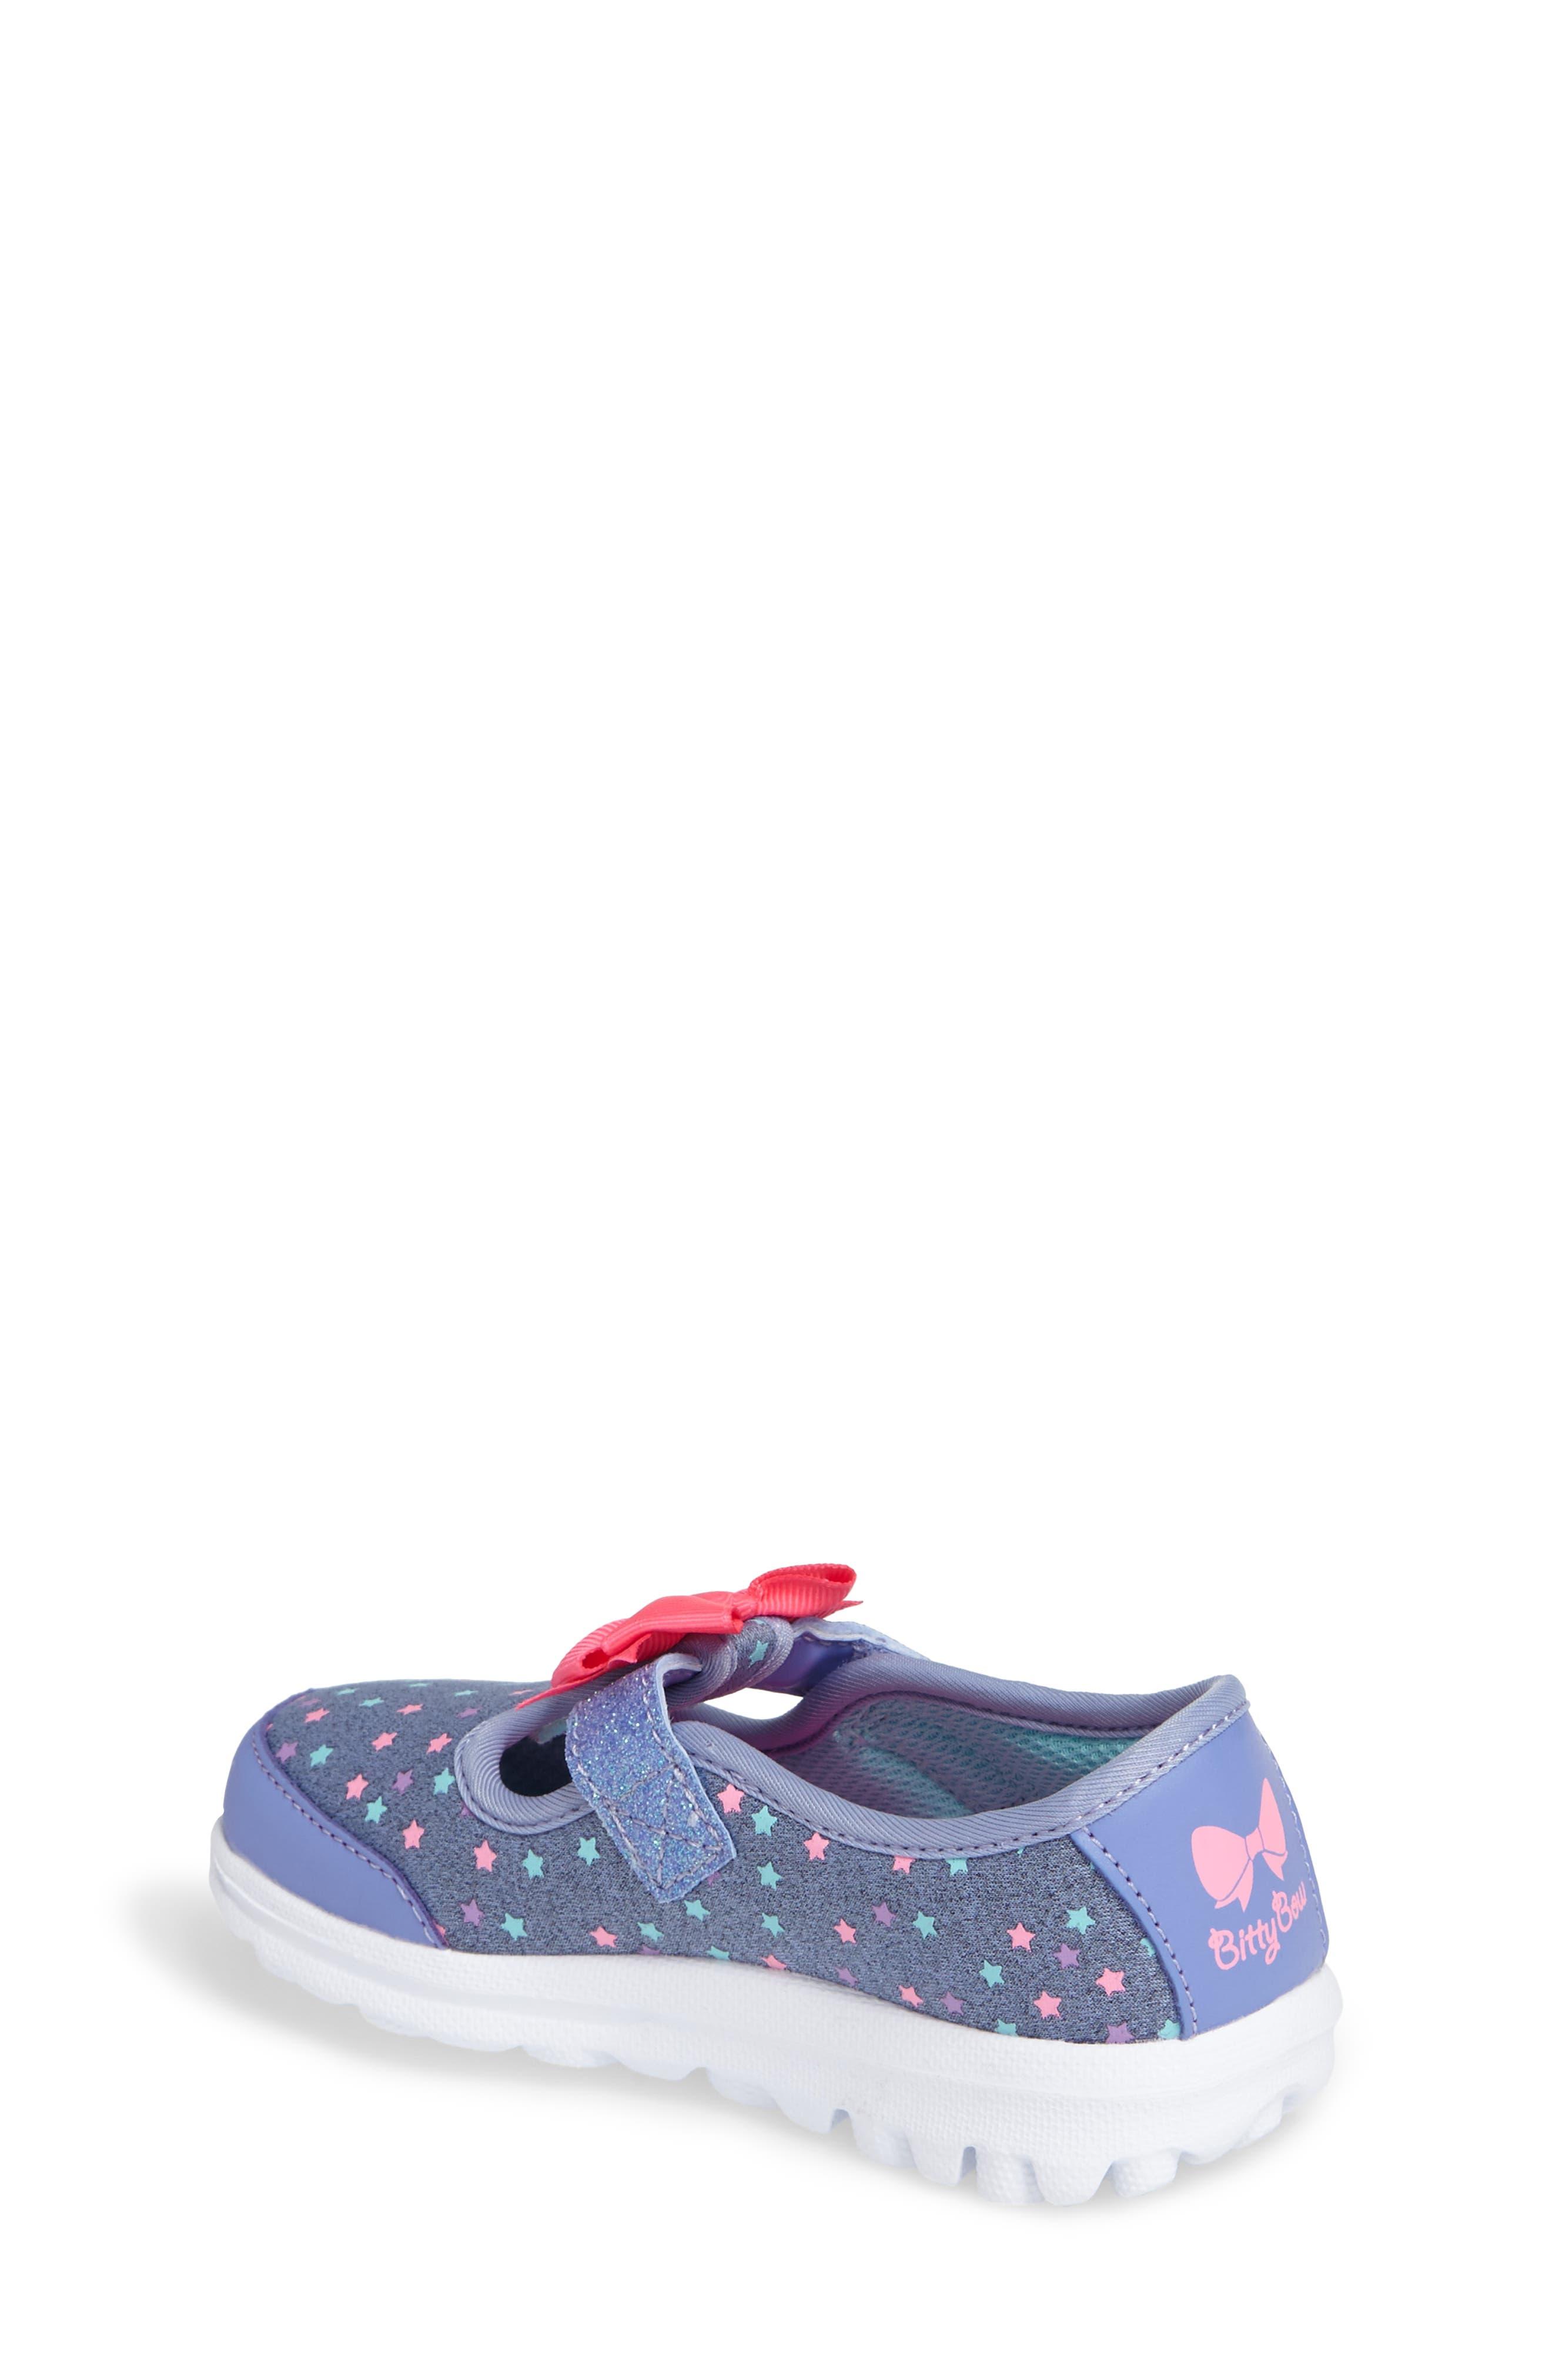 Go Walk Slip-On Sneaker,                             Alternate thumbnail 4, color,